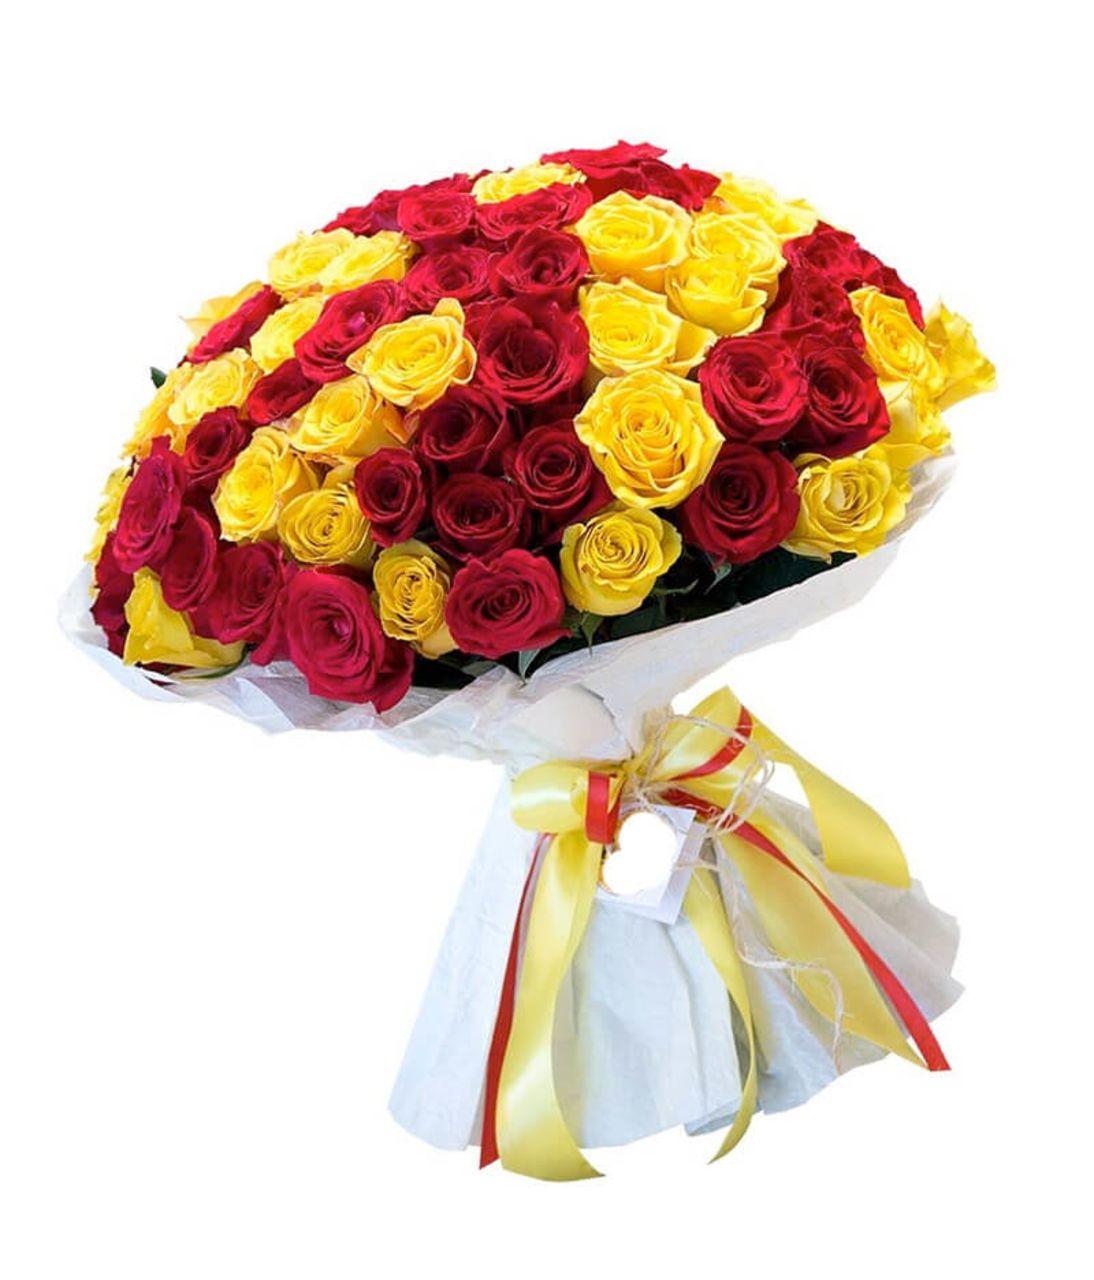 """Букет 101 роза"""" С Днем Рождения"""". Superflowers. Купить букет из разных цветов роз в Киеве"""